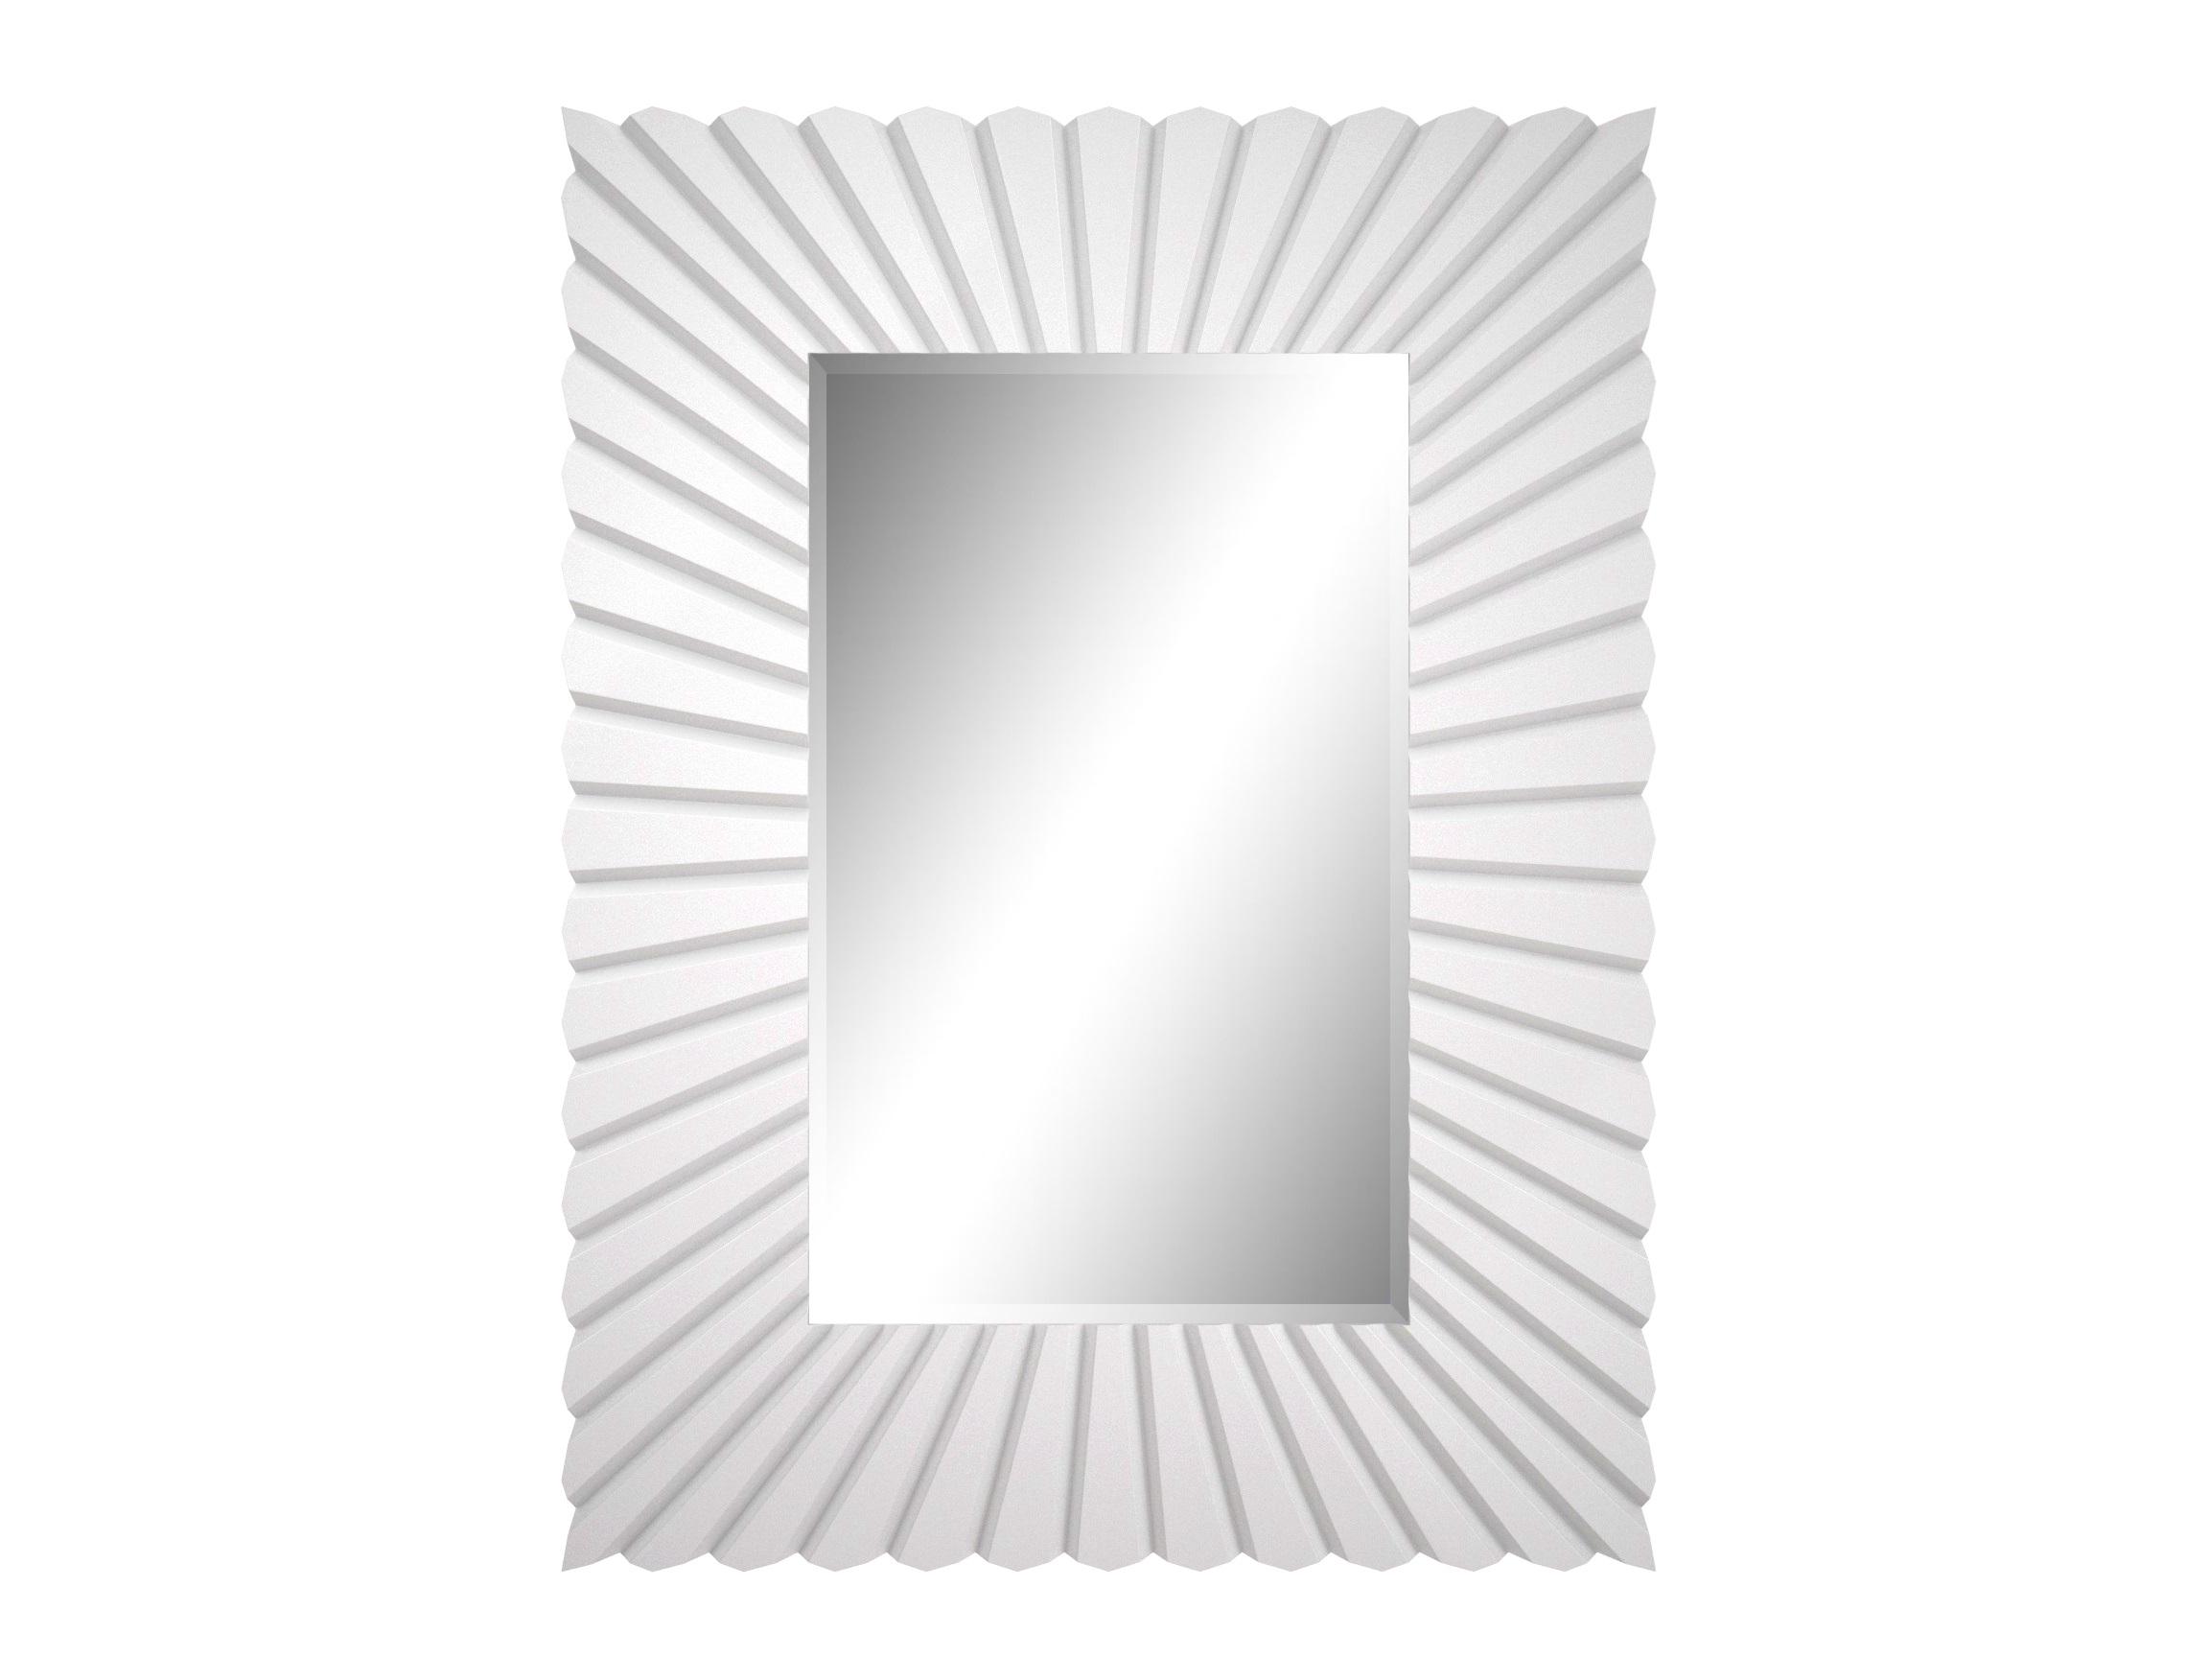 Зеркало Ambicioni 15437932 от thefurnish